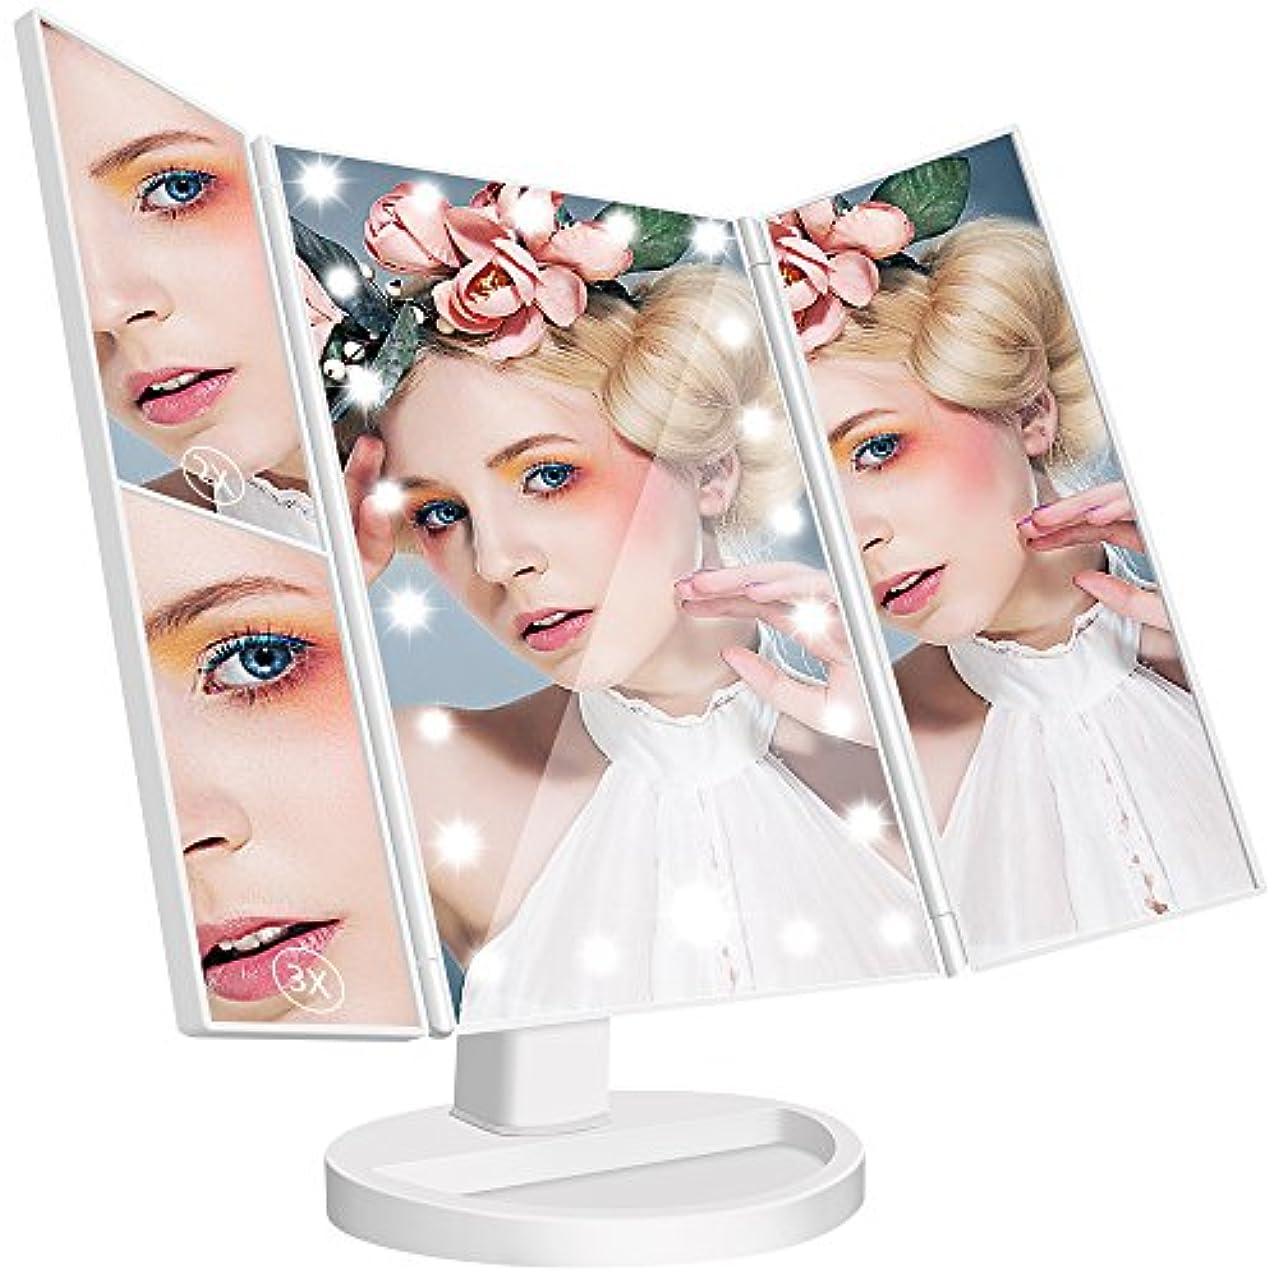 支配的横向きひばり化粧鏡 LEDライト 卓上スタンドミラー 折りたたみ式三面鏡 2倍&3倍拡大鏡付き 180°回転 明るさ調整可能